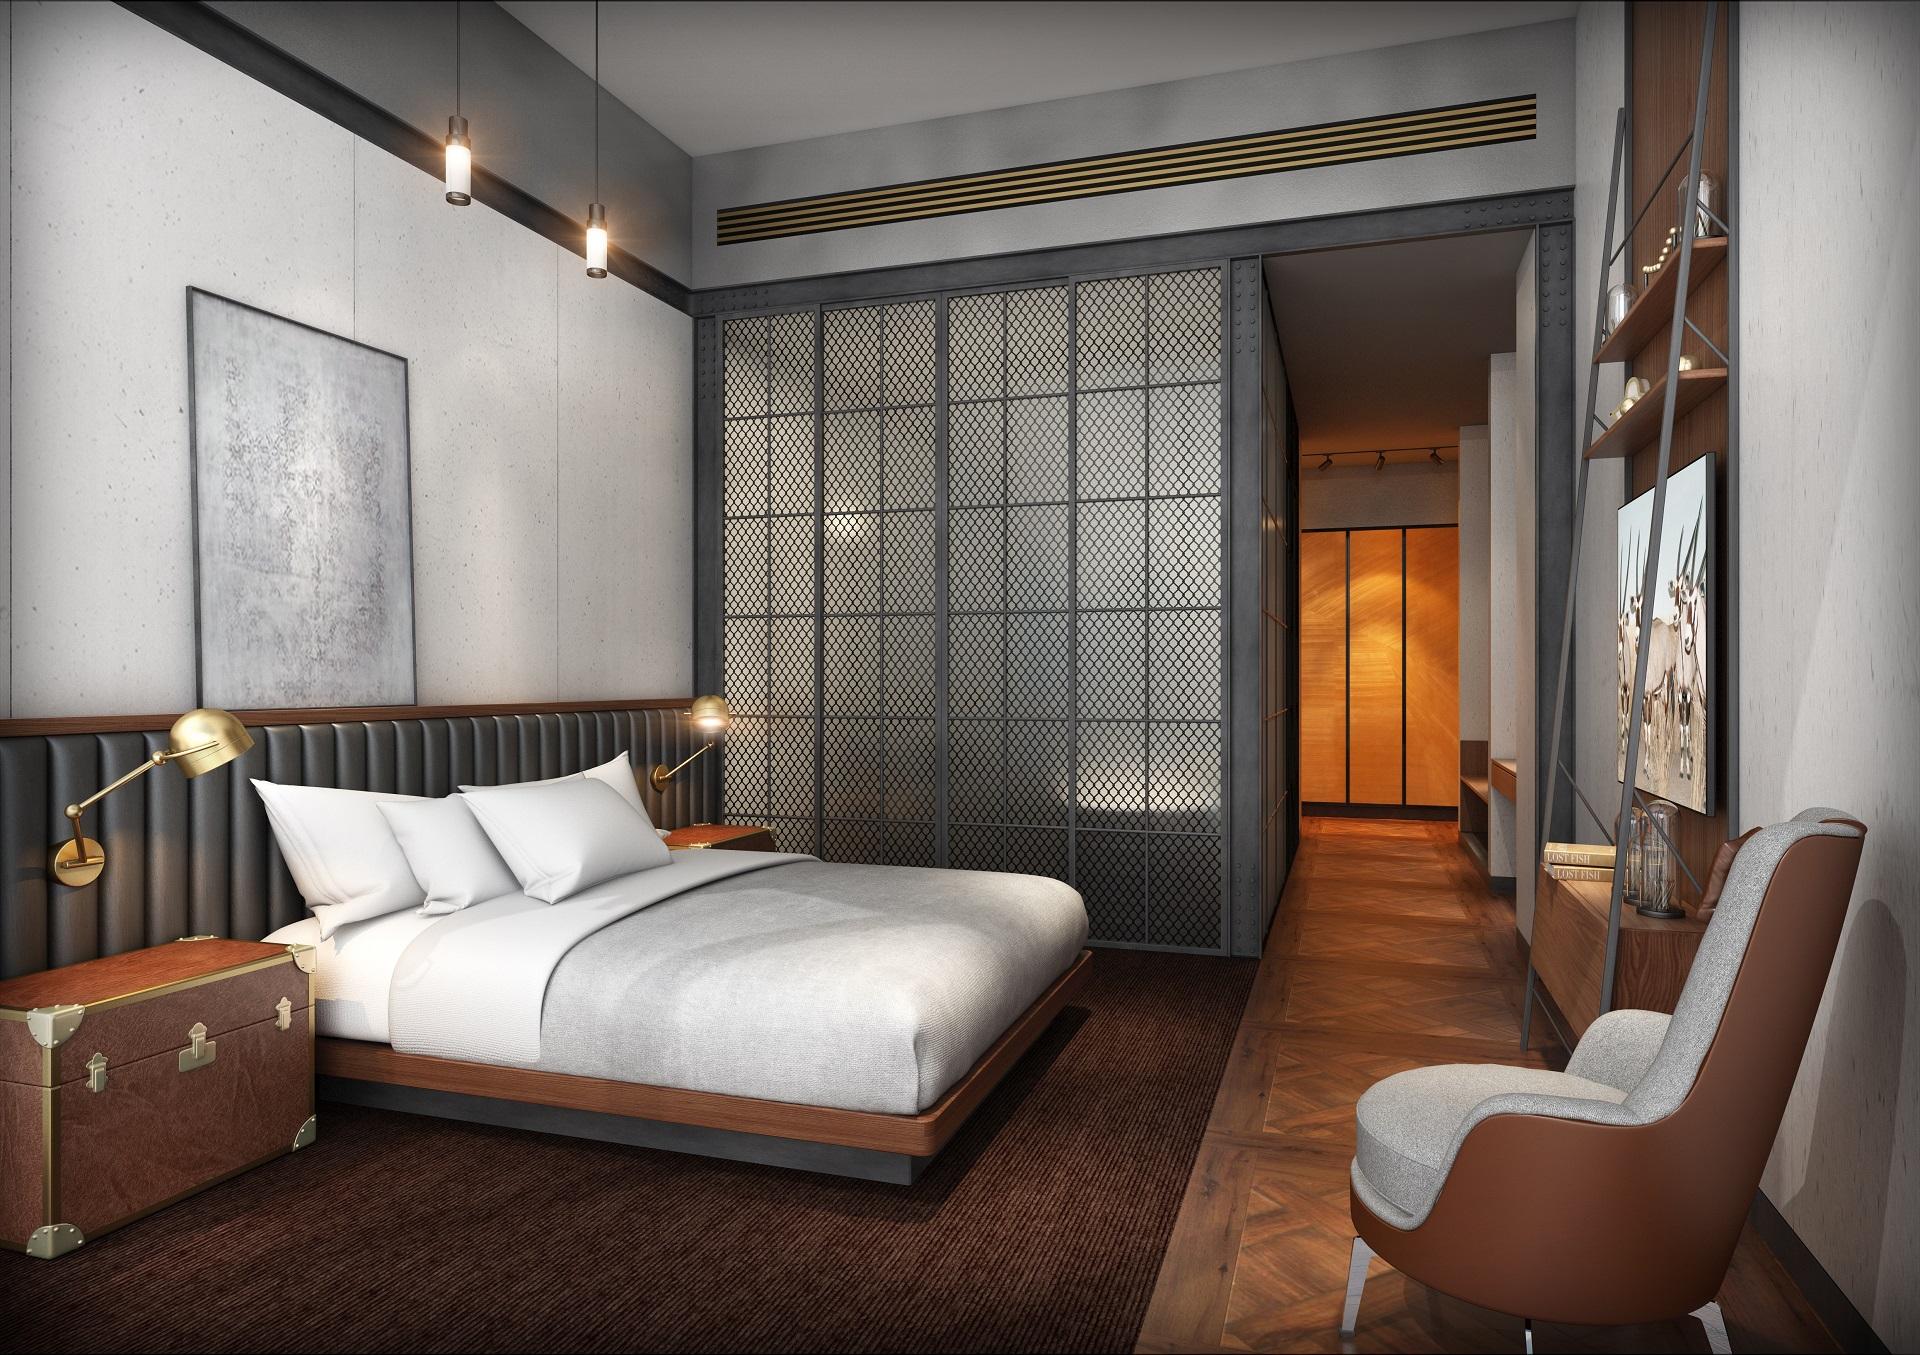 Exec Suite 2 Bedroom - Bedroom View